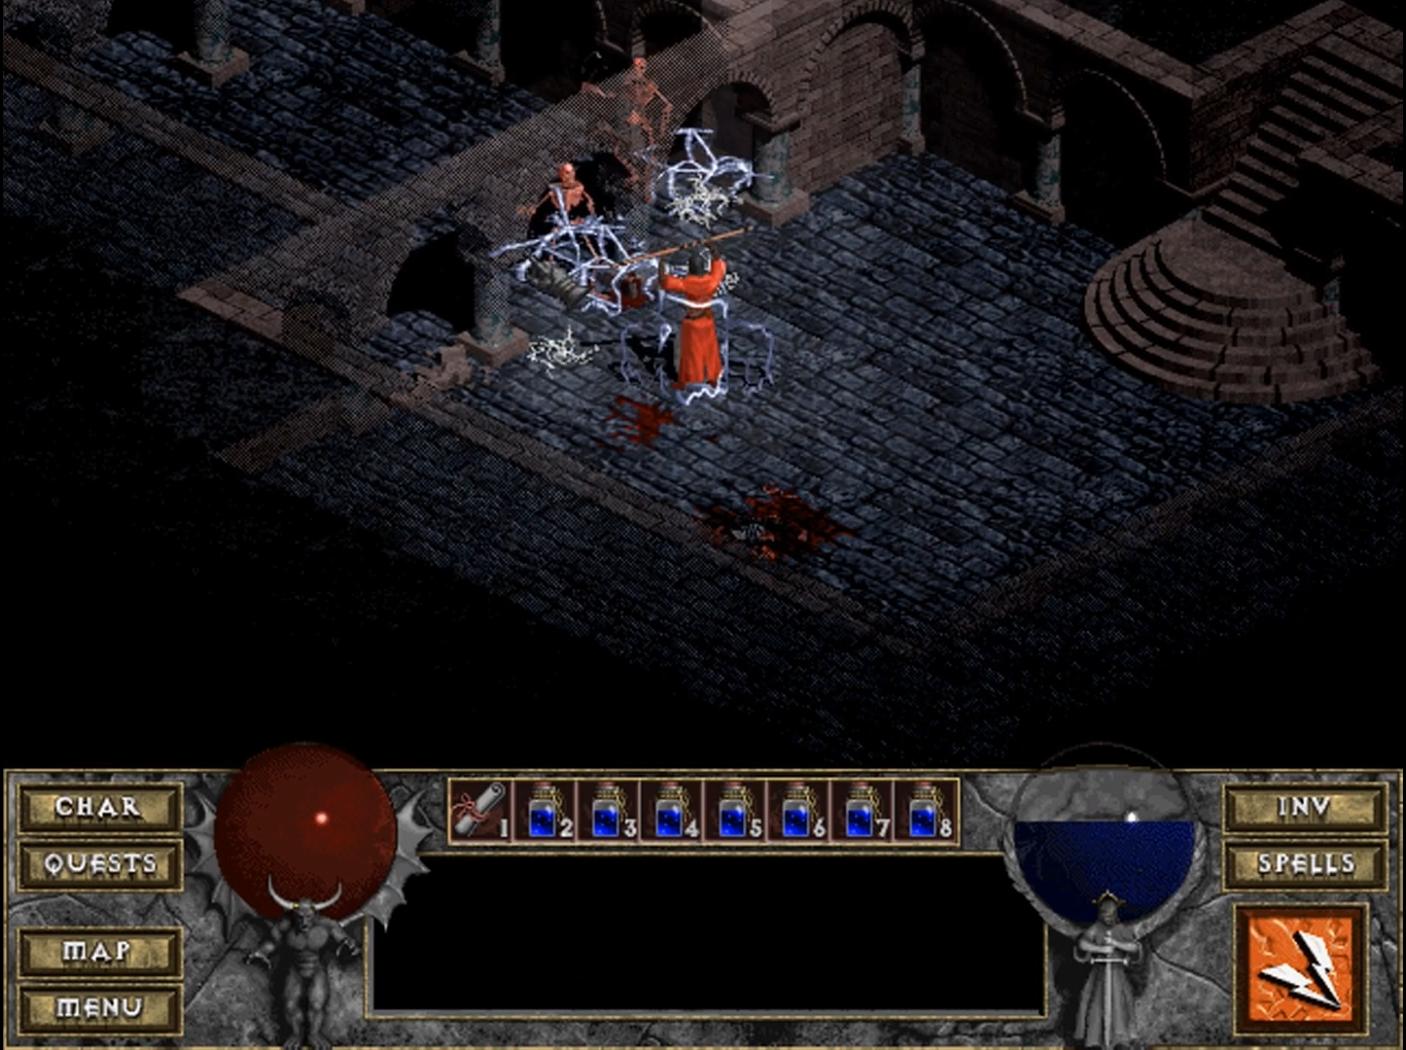 ДЬЯВОЛЬСКАЯ НОСТАЛЬГИЯ | Обзор игры Diablo. - Изображение 13